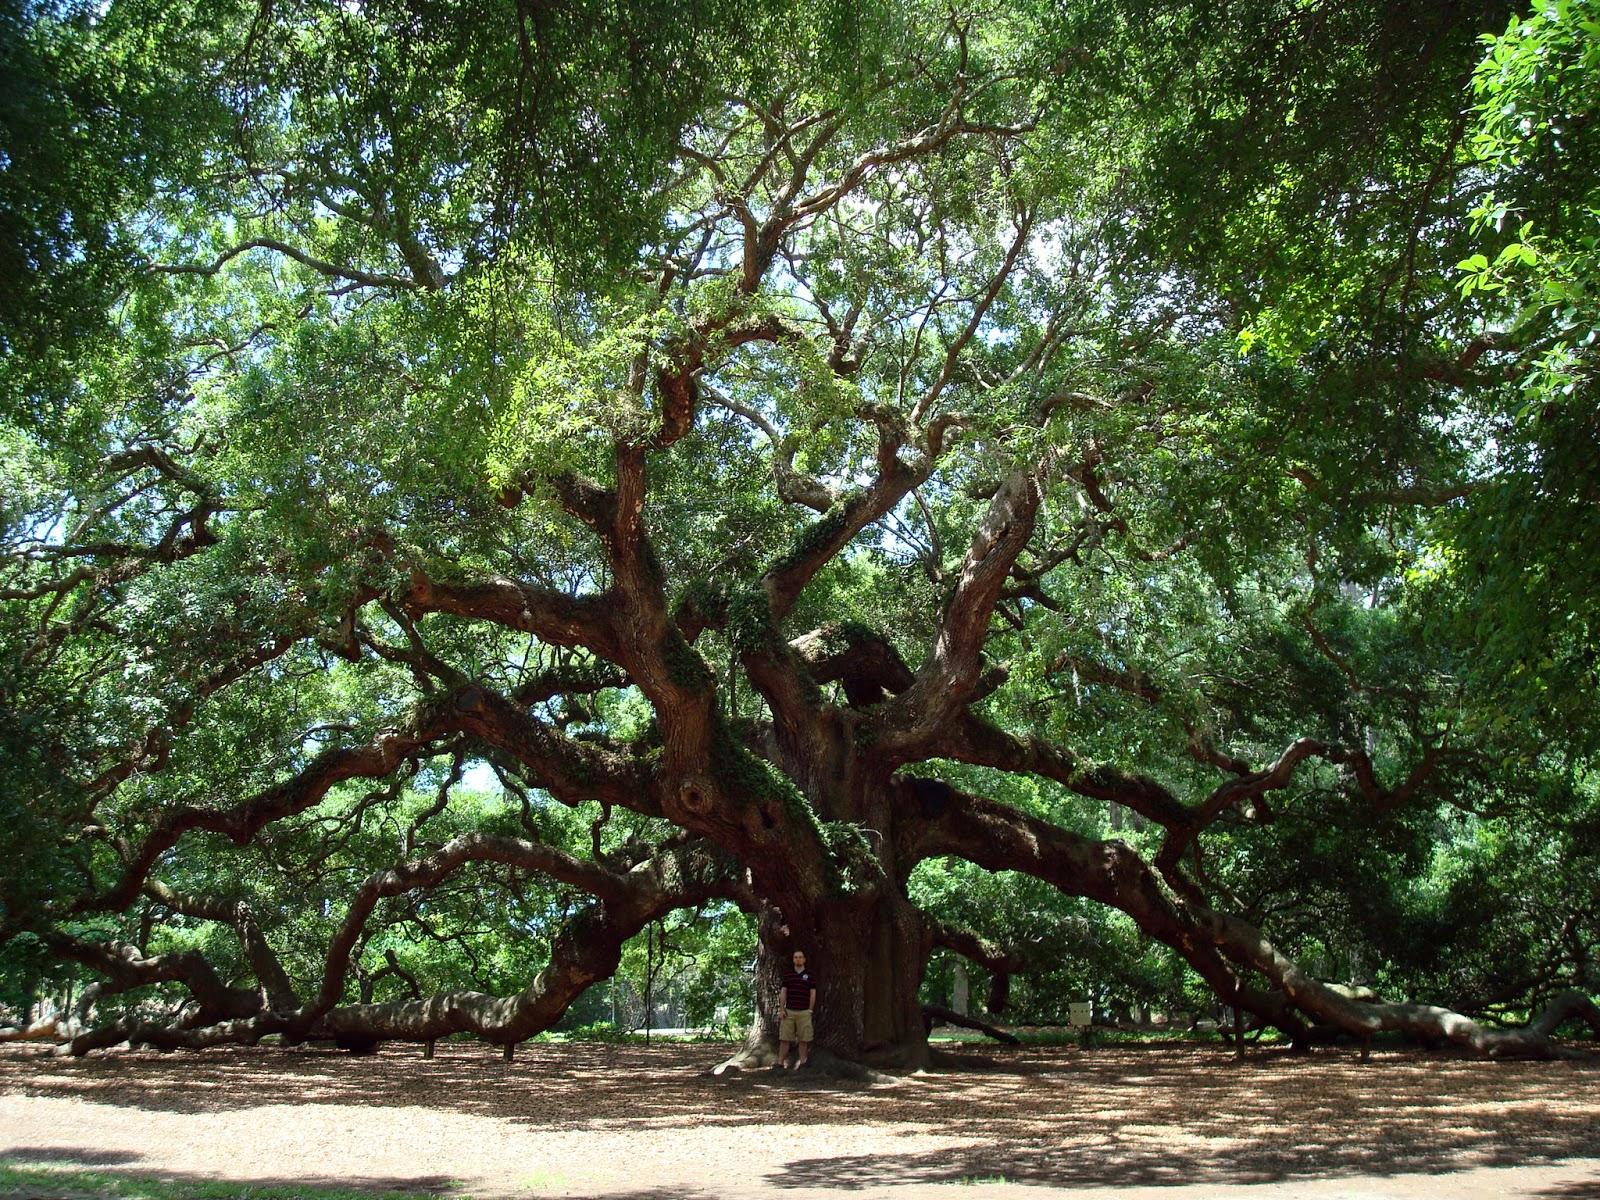 Manage Live Oak - Plant and Grow a Live Oak